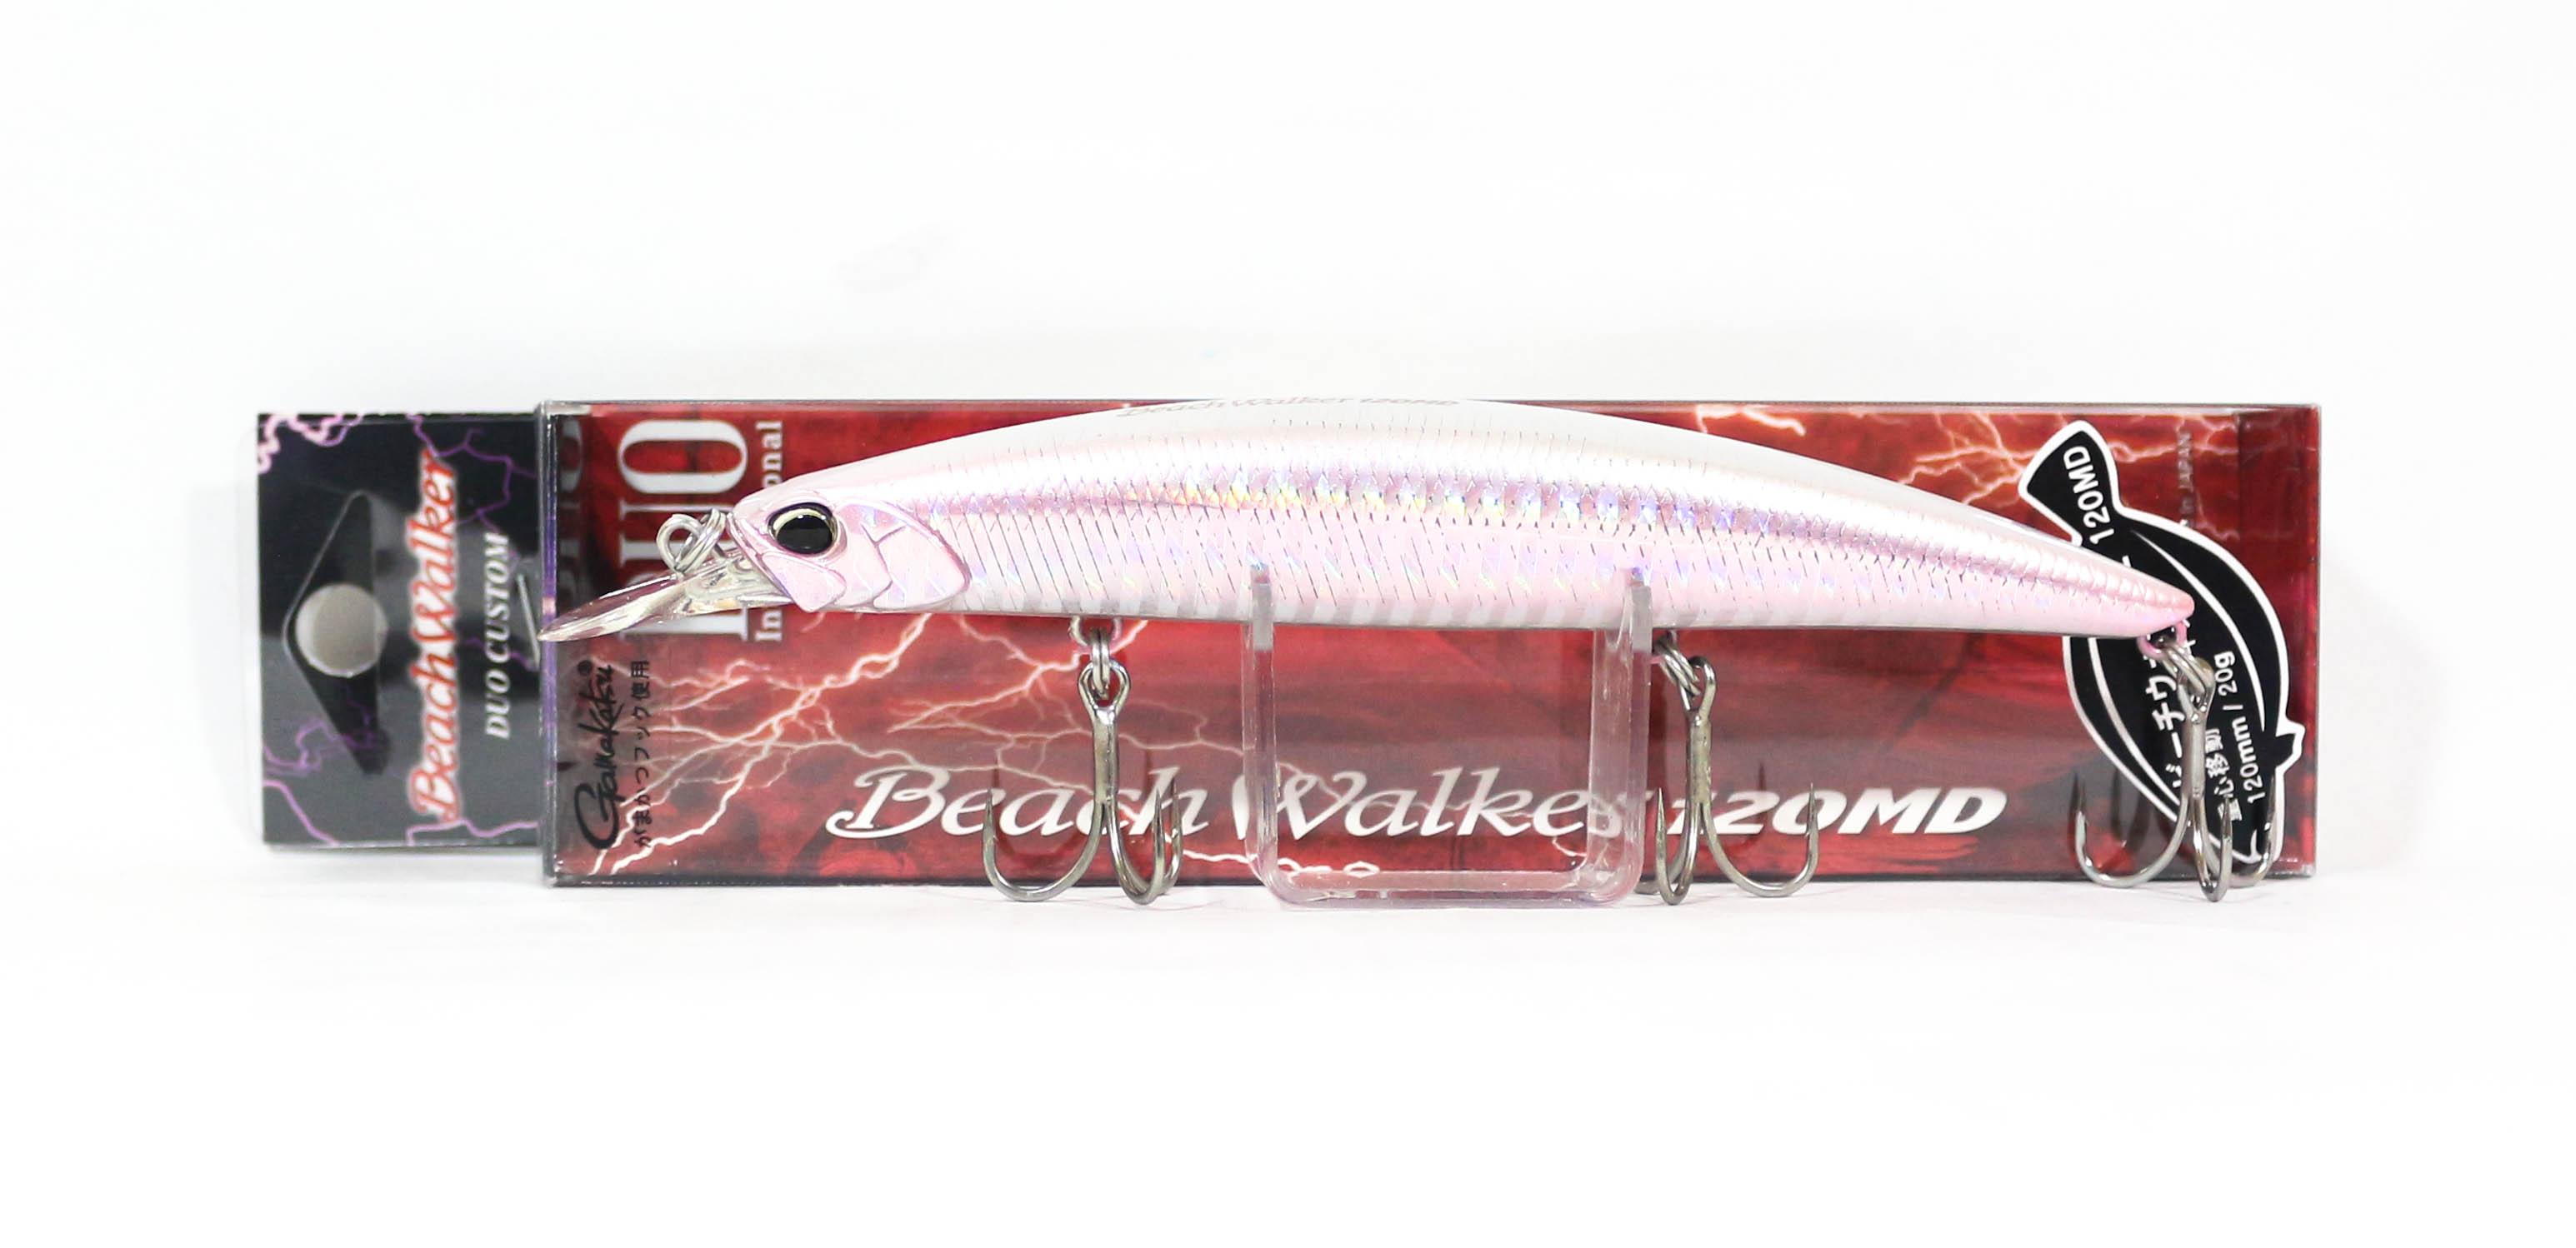 Duo Beach Walker 120 MD Sinking Lure GHA0279 (8654)